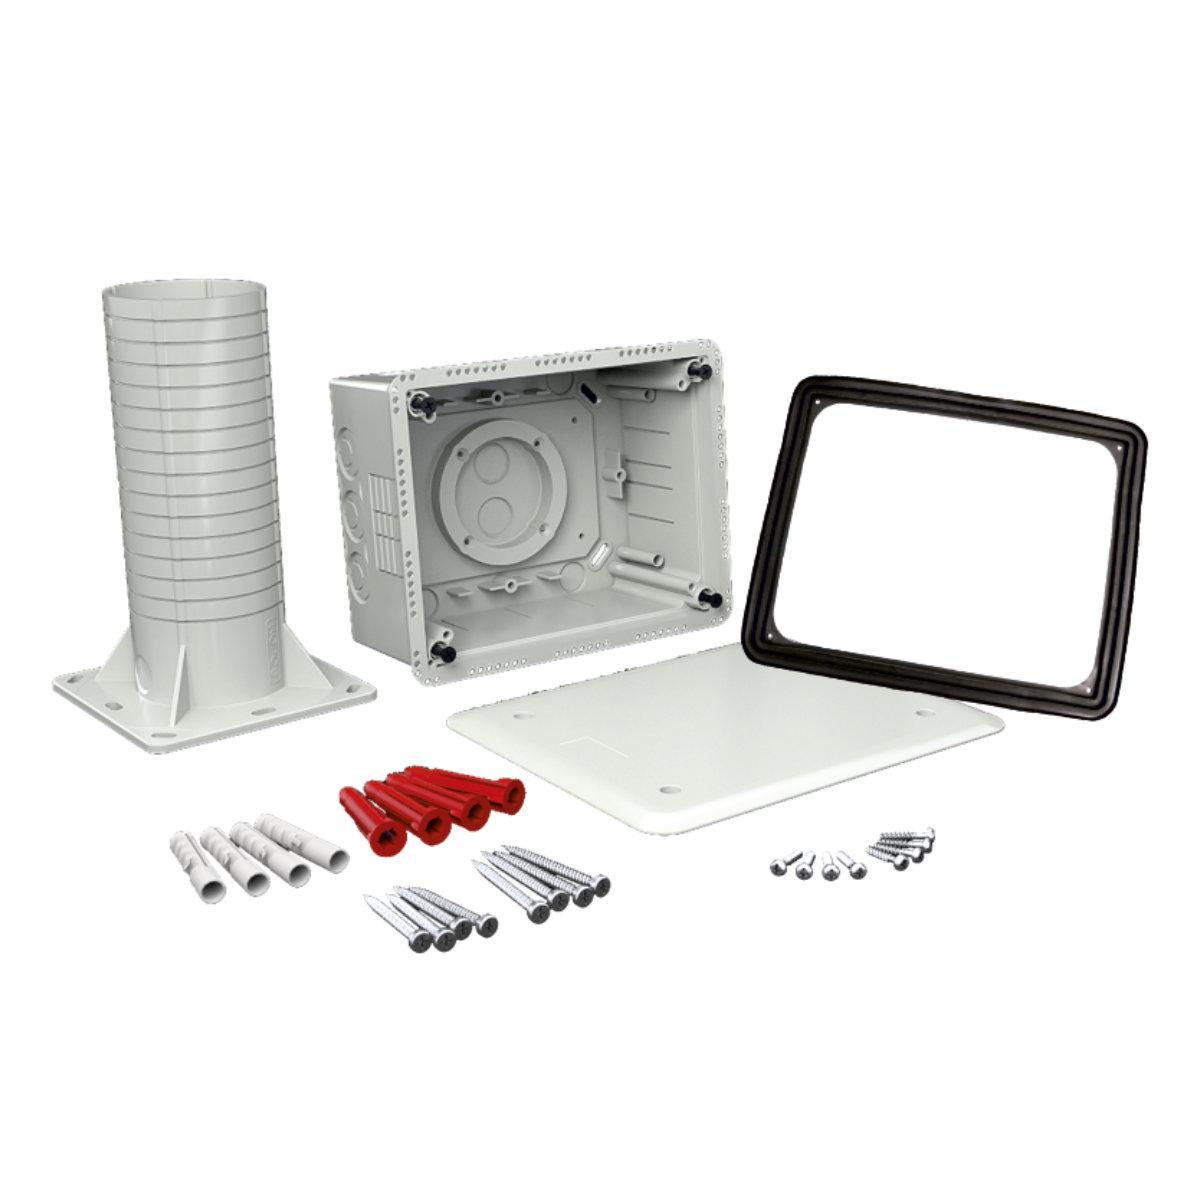 Коробка універсальна з кришкою та тубусом (використовується при термоізоляції будівель) Полікарбонат; розміри 170х210х330мм